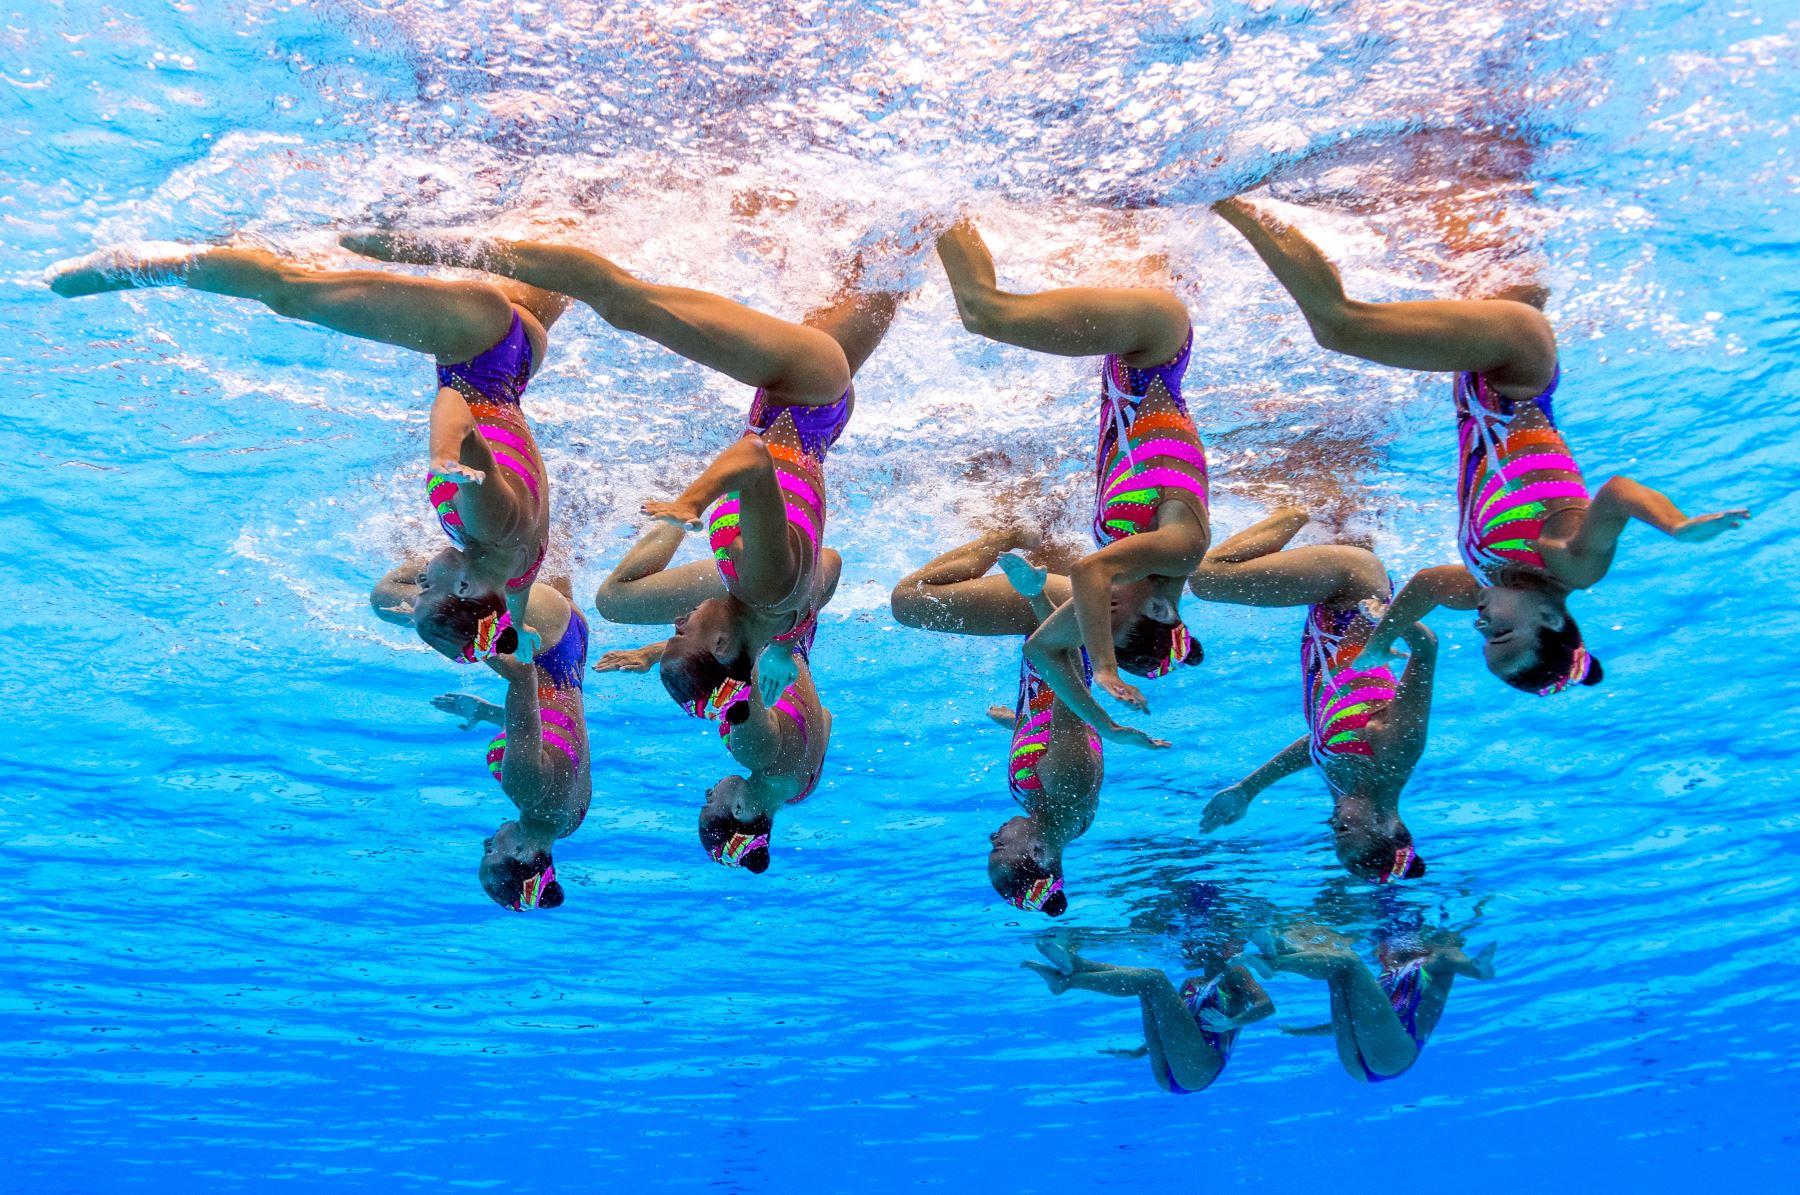 Competición sincronizada del equipo de natación de Bielorusia , en los campeonatos del mundo de FINA  2017 en Budapes.Foto:AFP